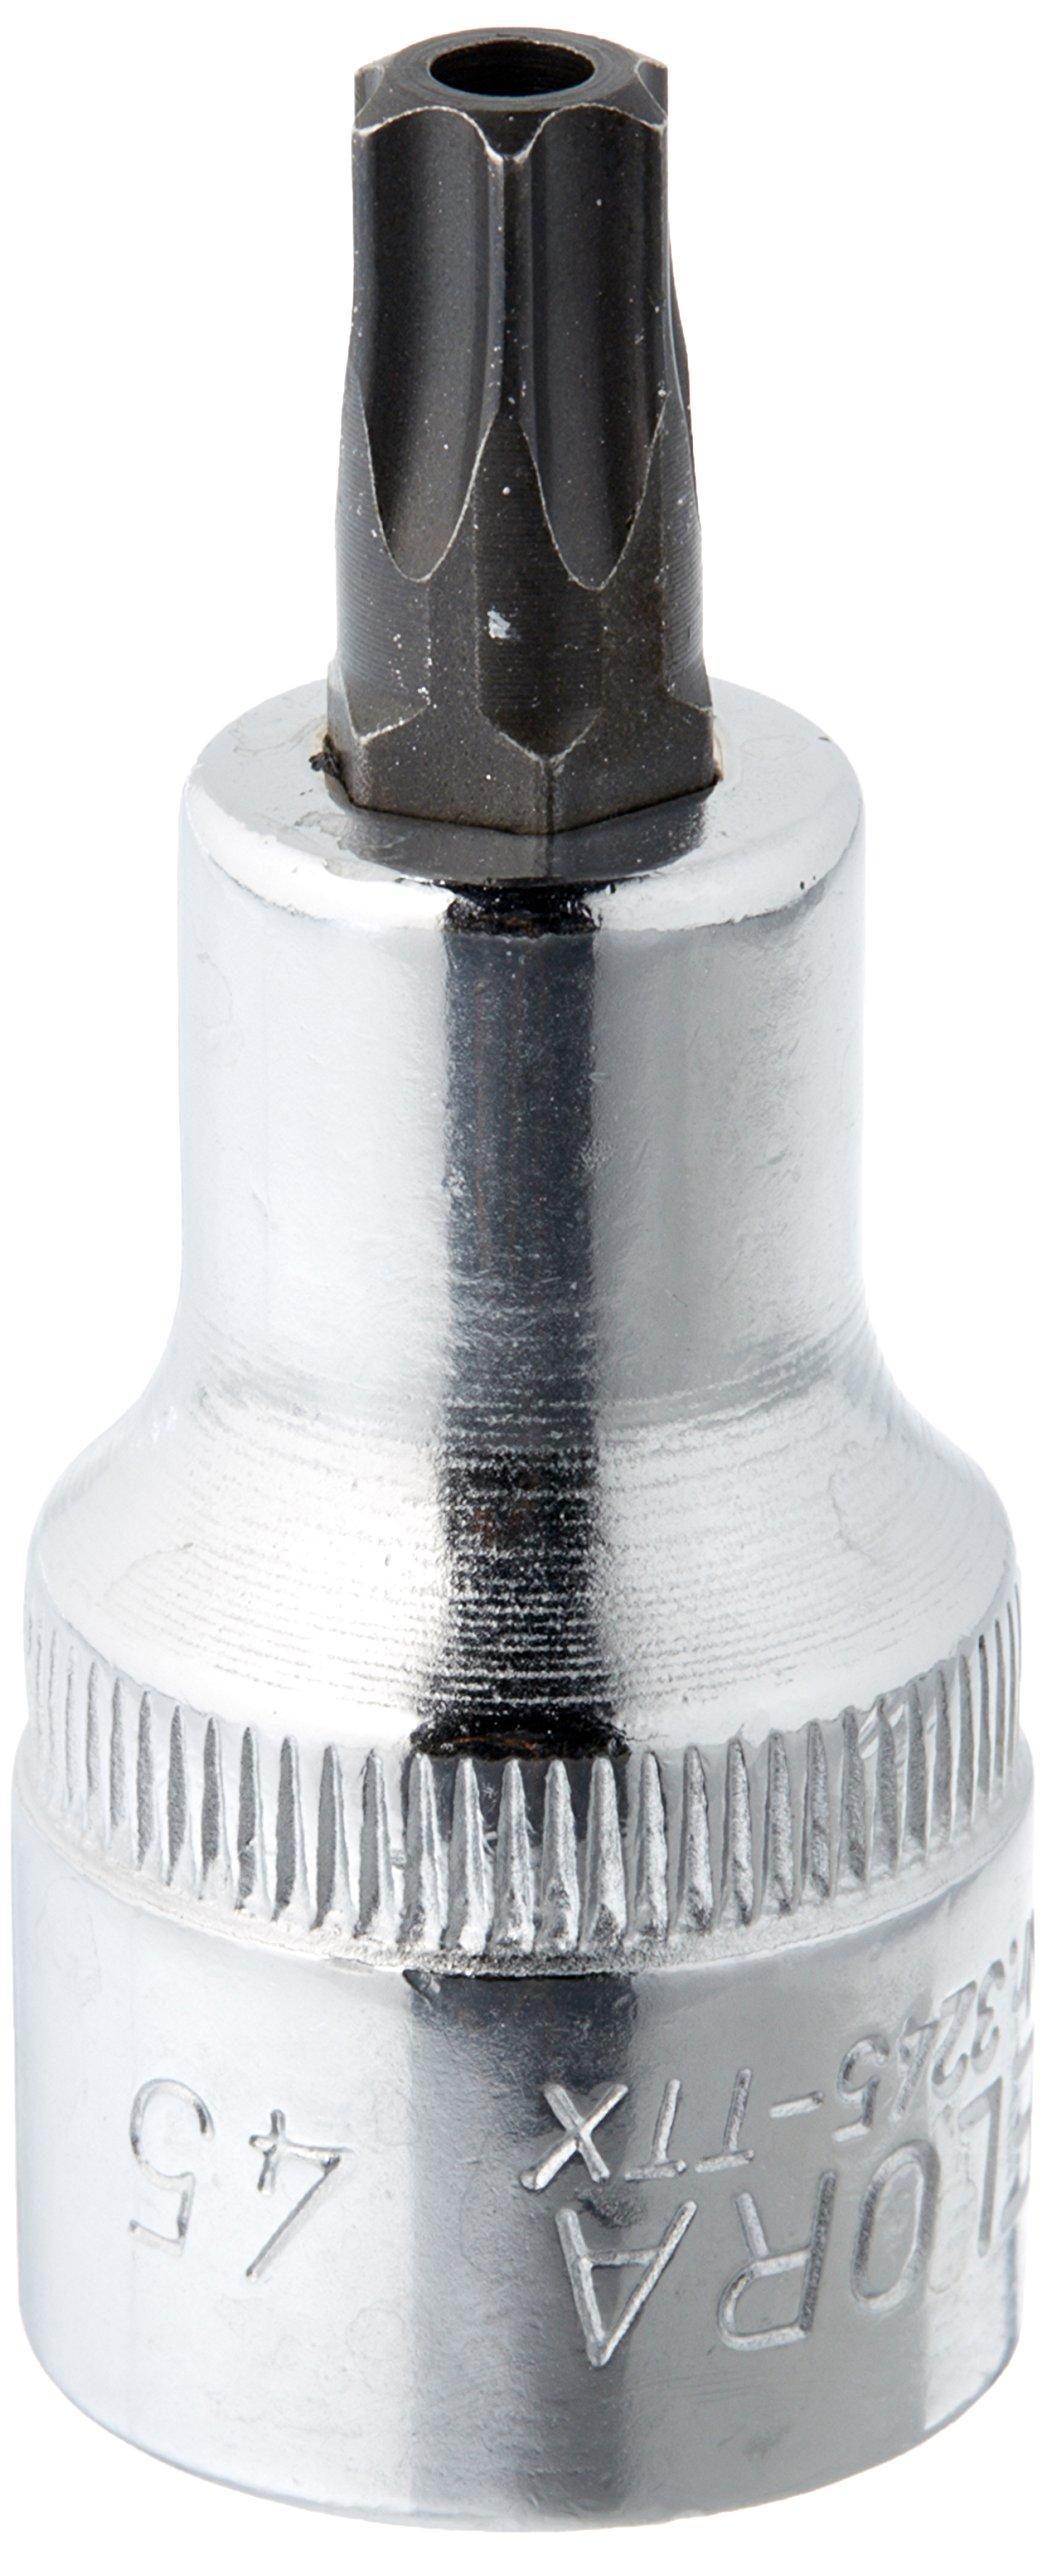 Elora 3245020451000 Screwdriver socket 1/2'' for TORX safety screws Size 45